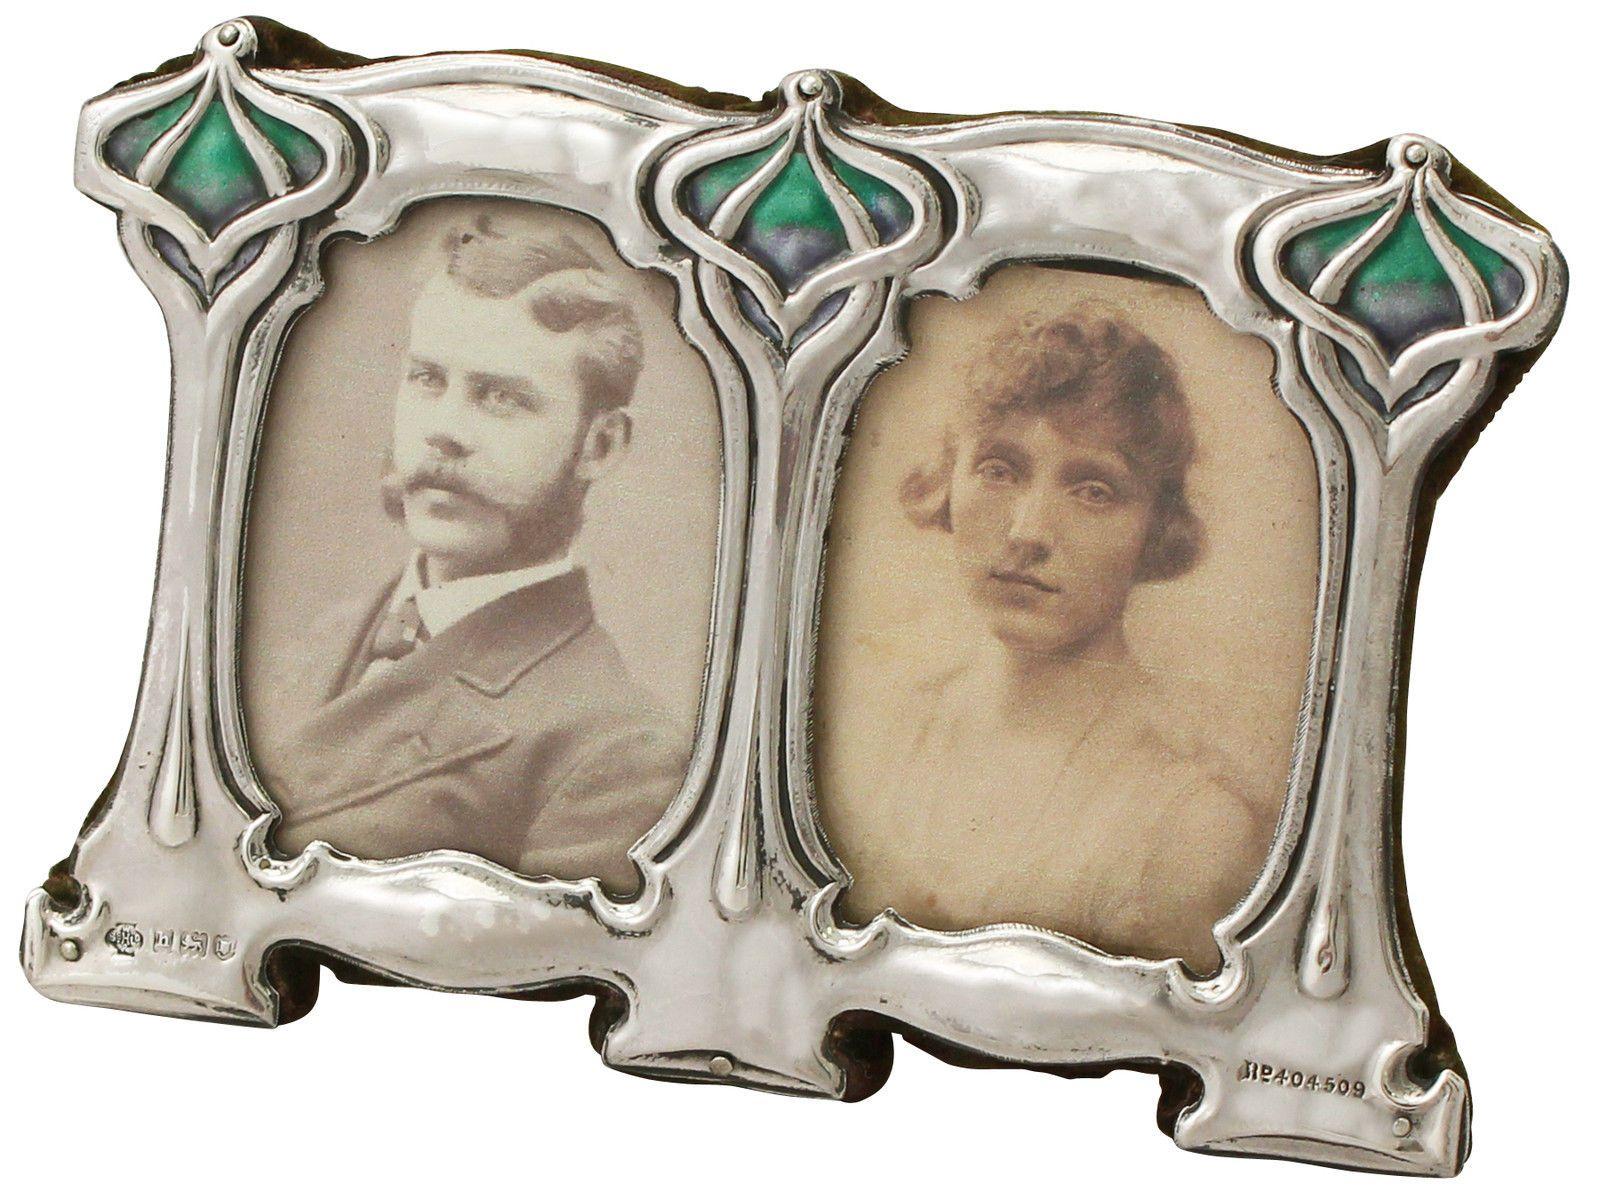 Sterling Silver & Enamel Double Photograph Frame - Art Nouveau - Antique